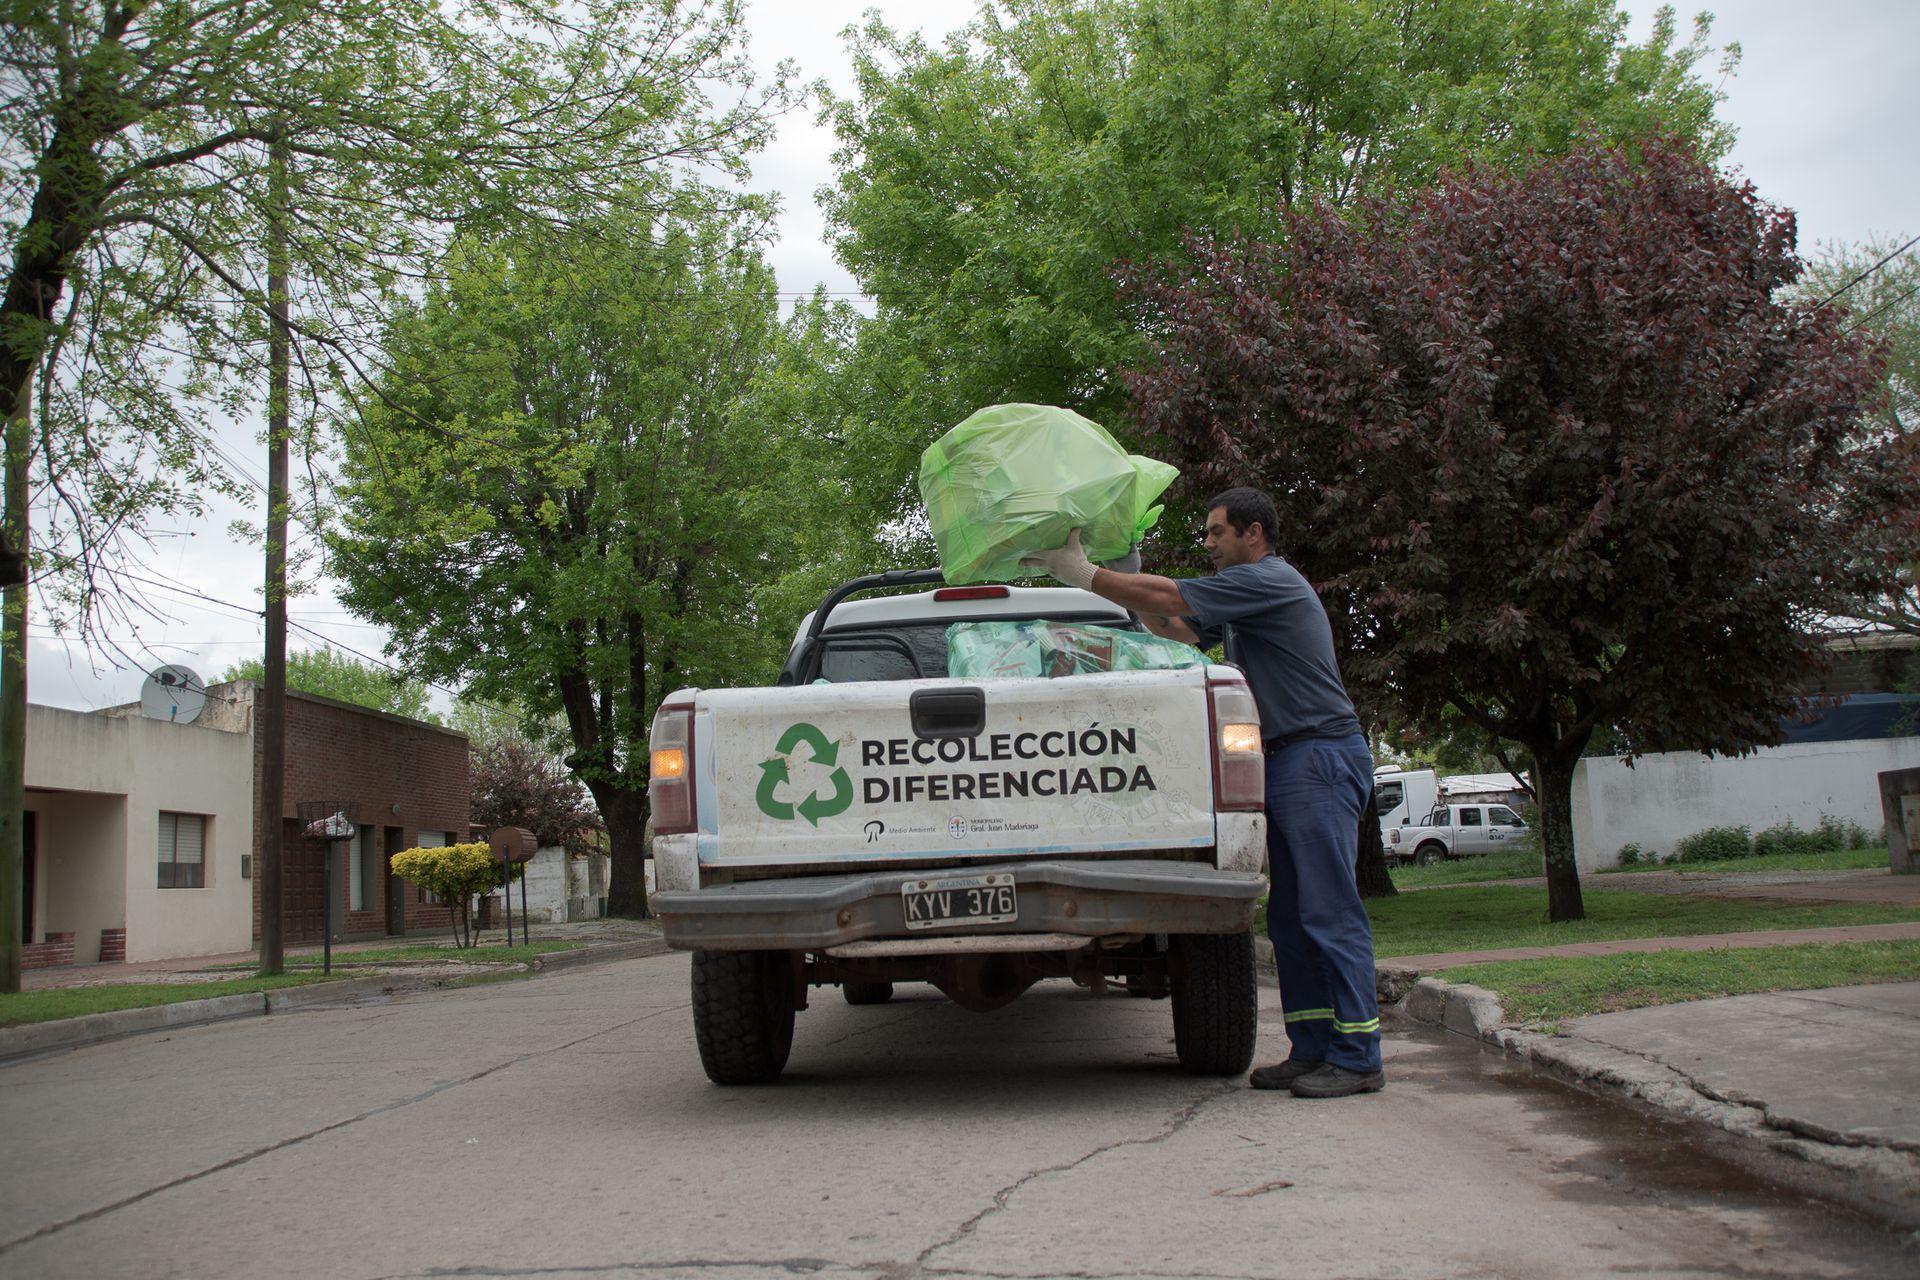 Greener, una startup que propone beneficios tangibles para quienes separan sus residuos